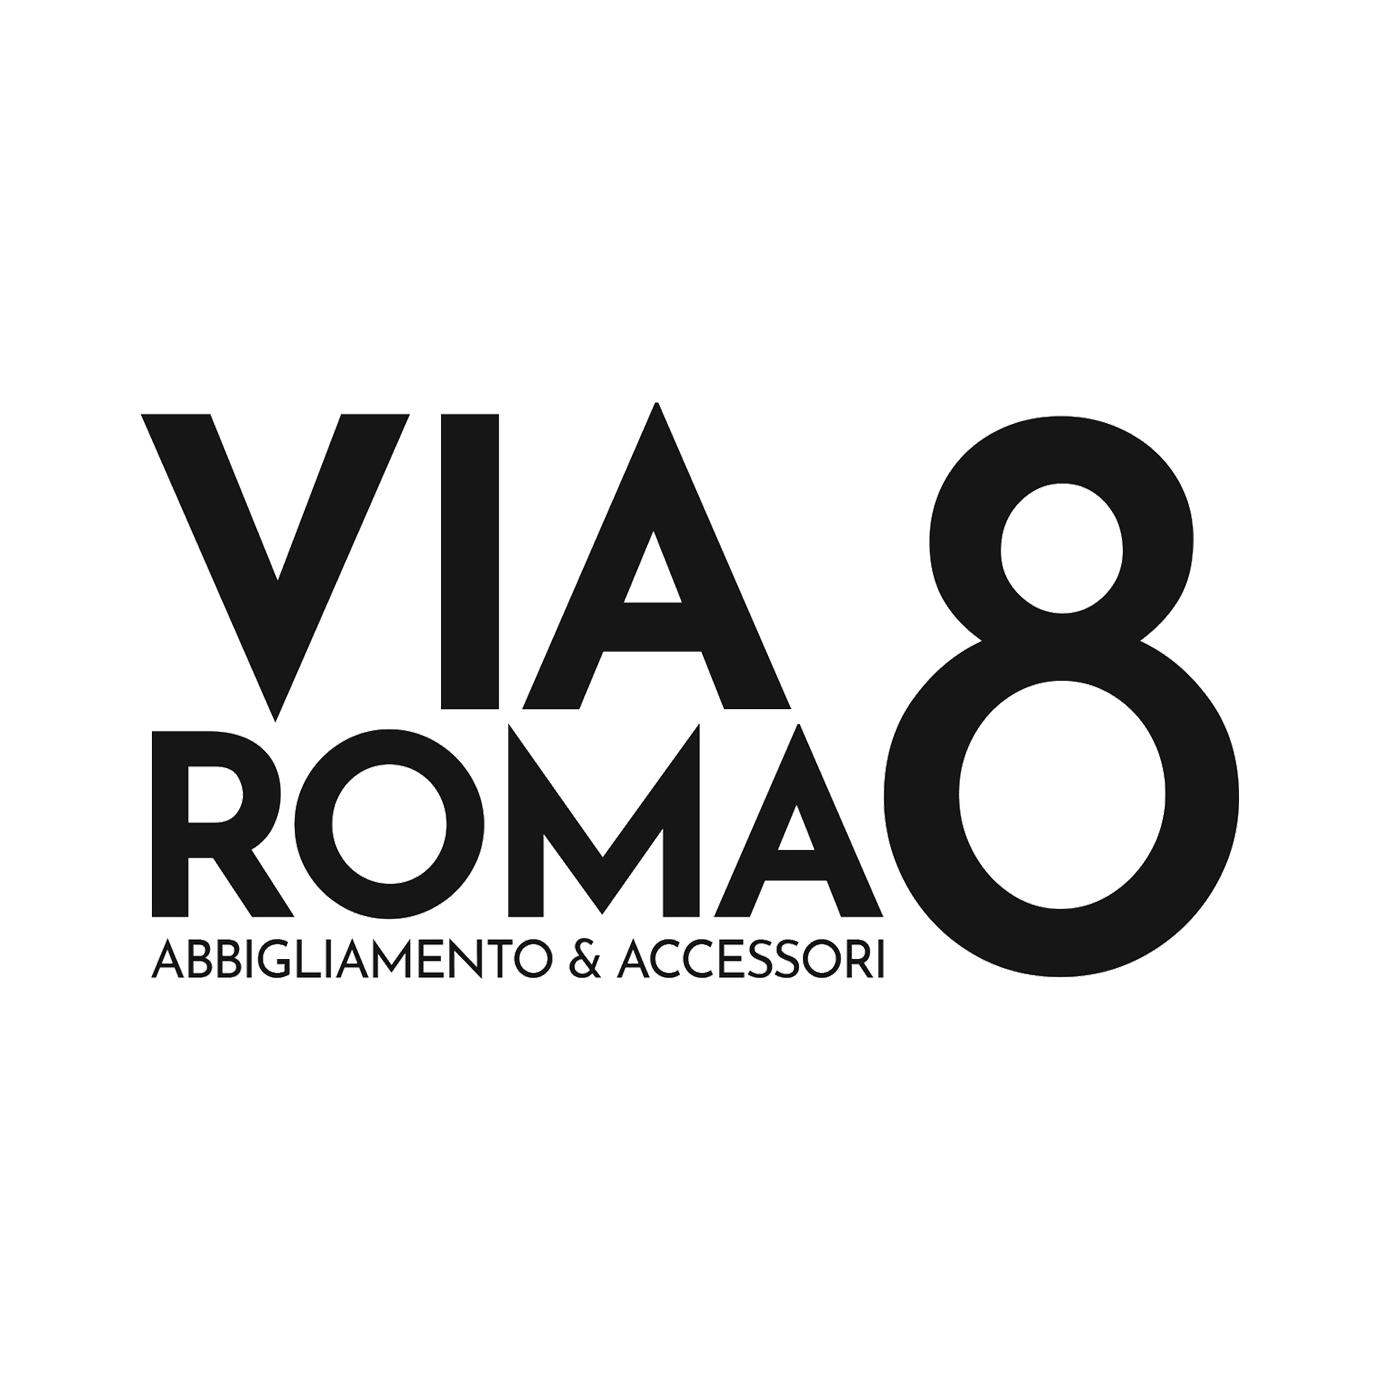 VIA ROMA 8 ABBIGLIAMENTO